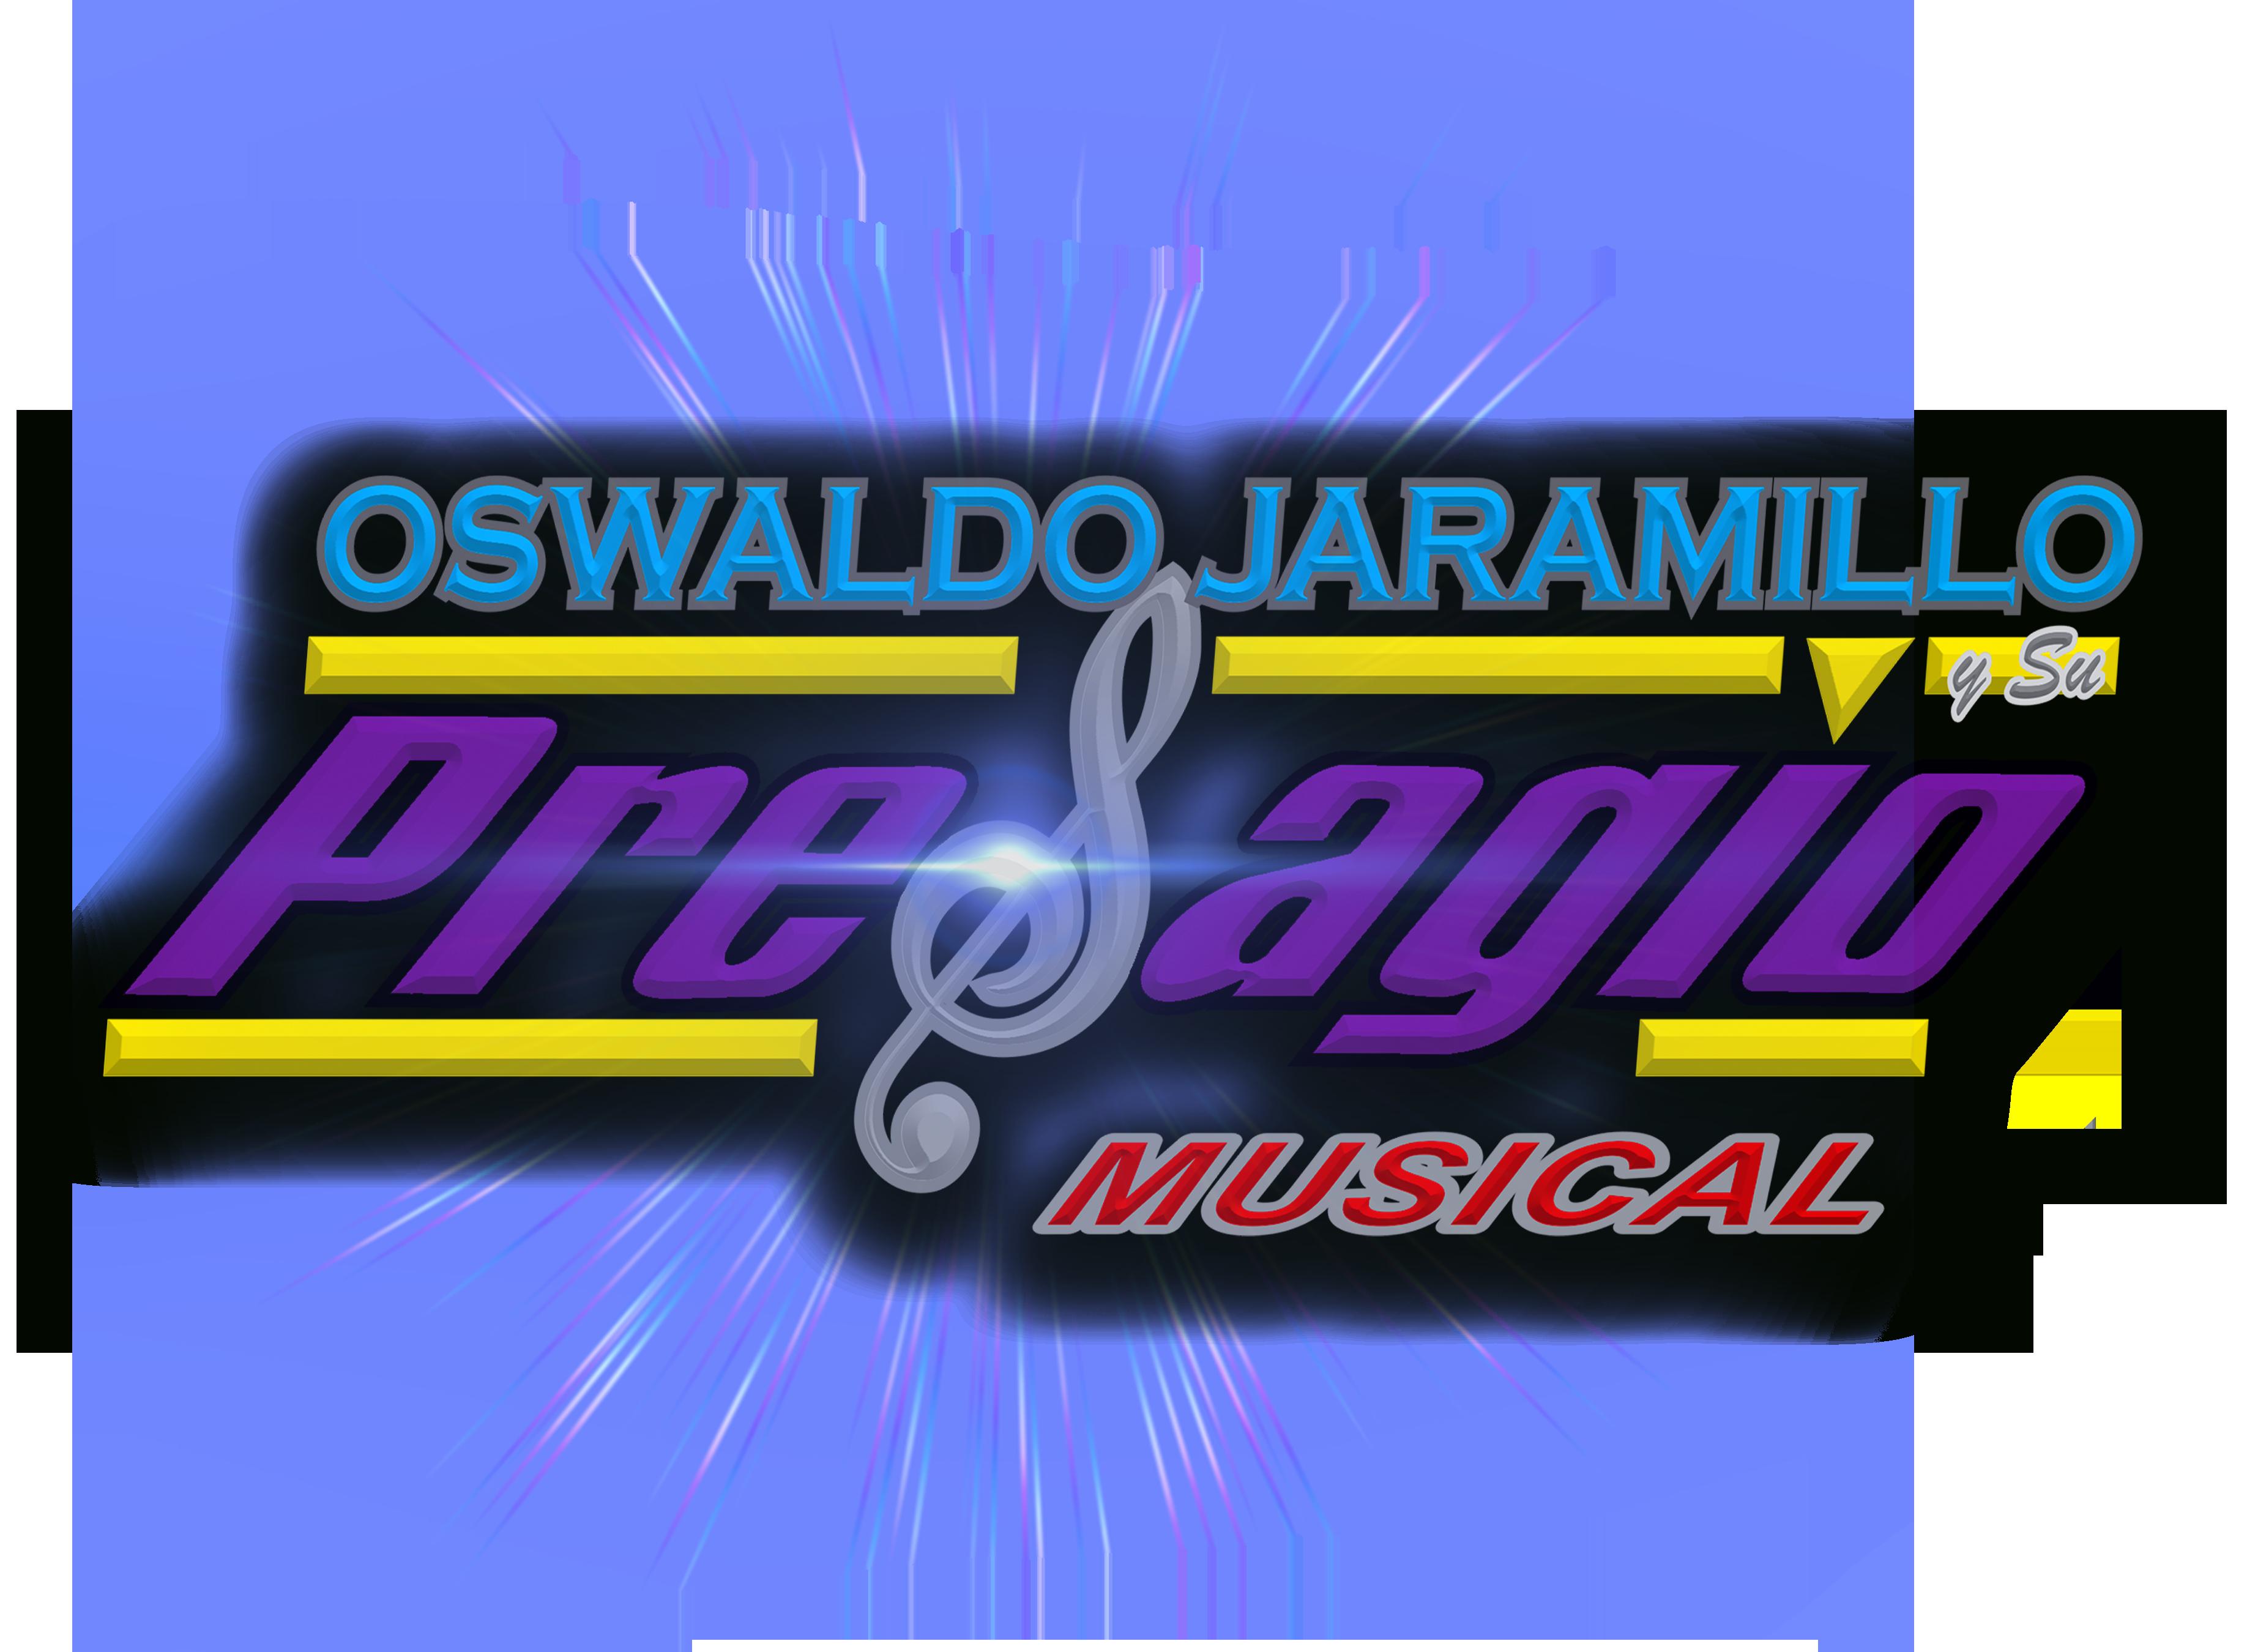 PRESAGIO MUSICAL